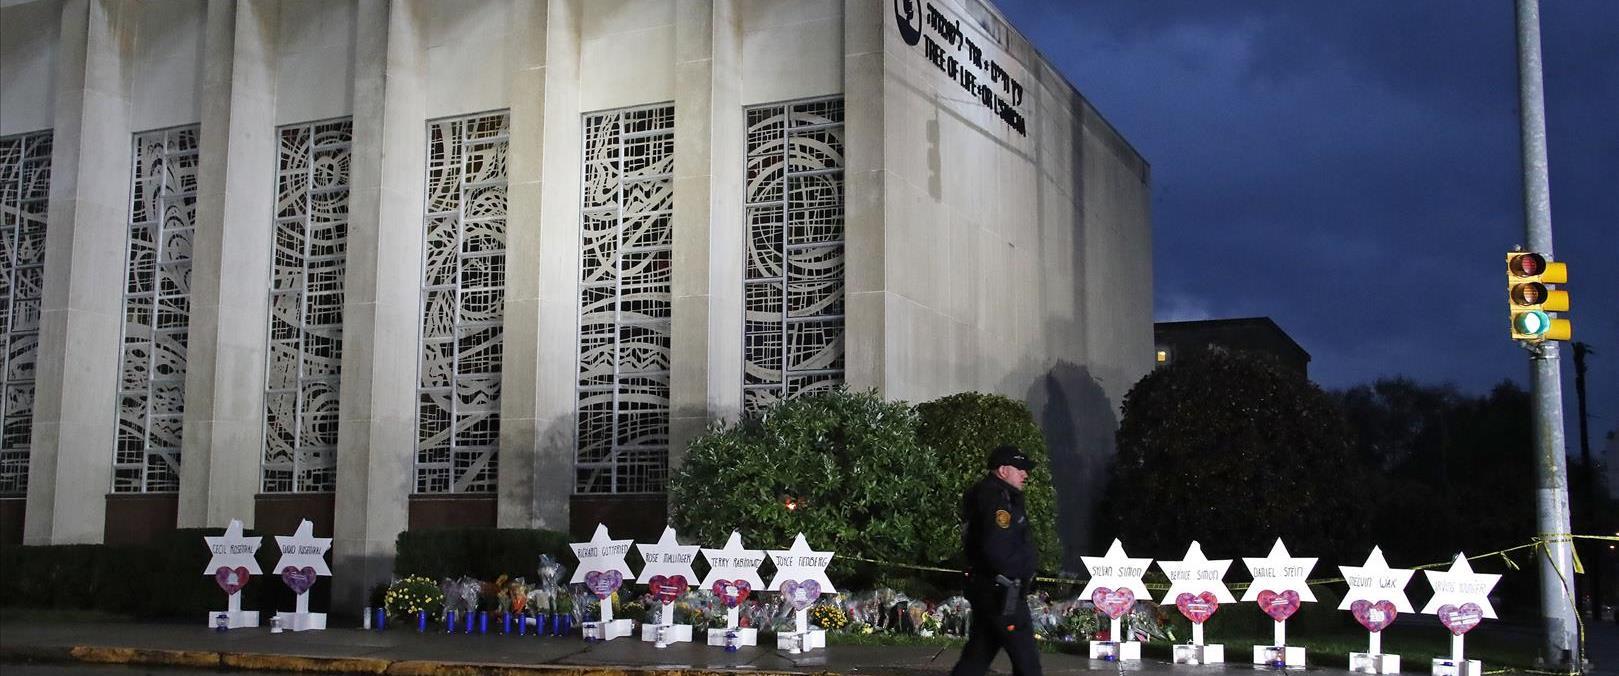 בית הכנסת בפיטסבורג אחרי הפיגוע